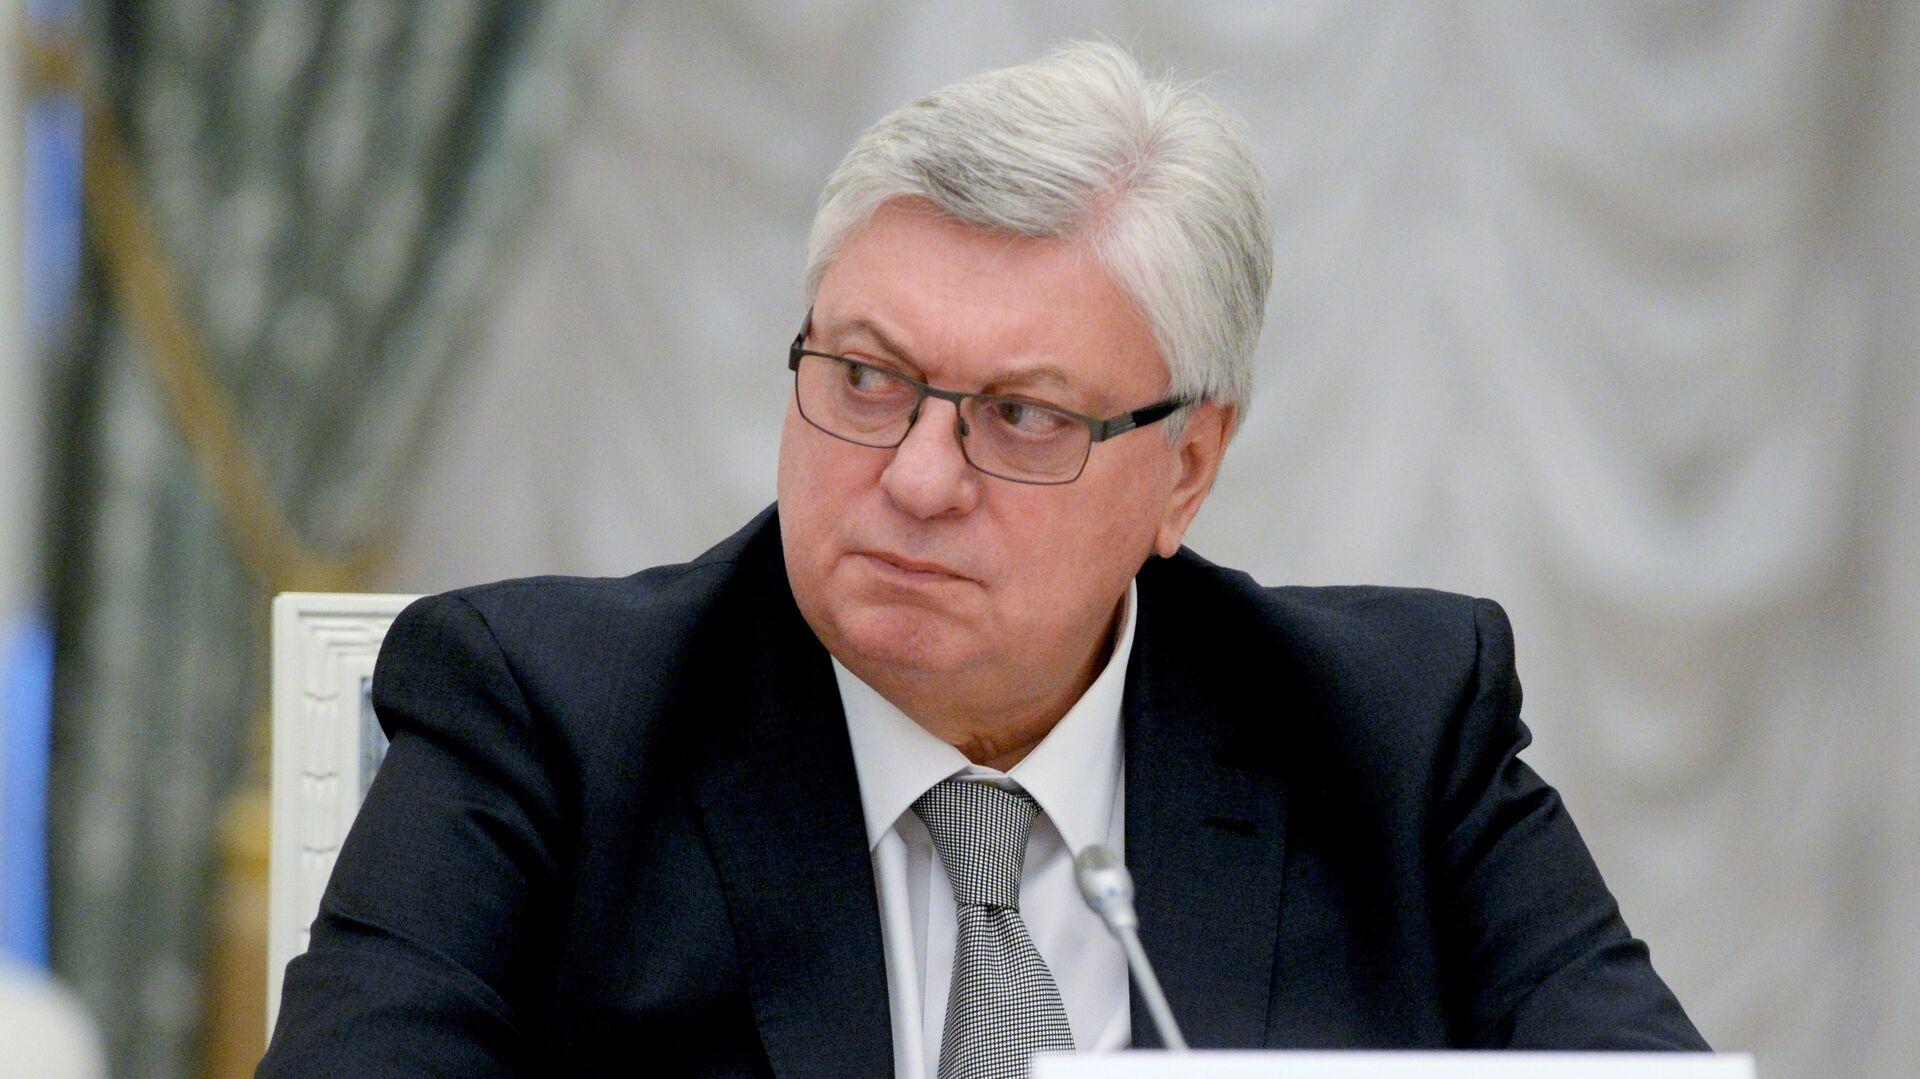 Торкунов заявил, что не уходит с поста ректора МГИМО